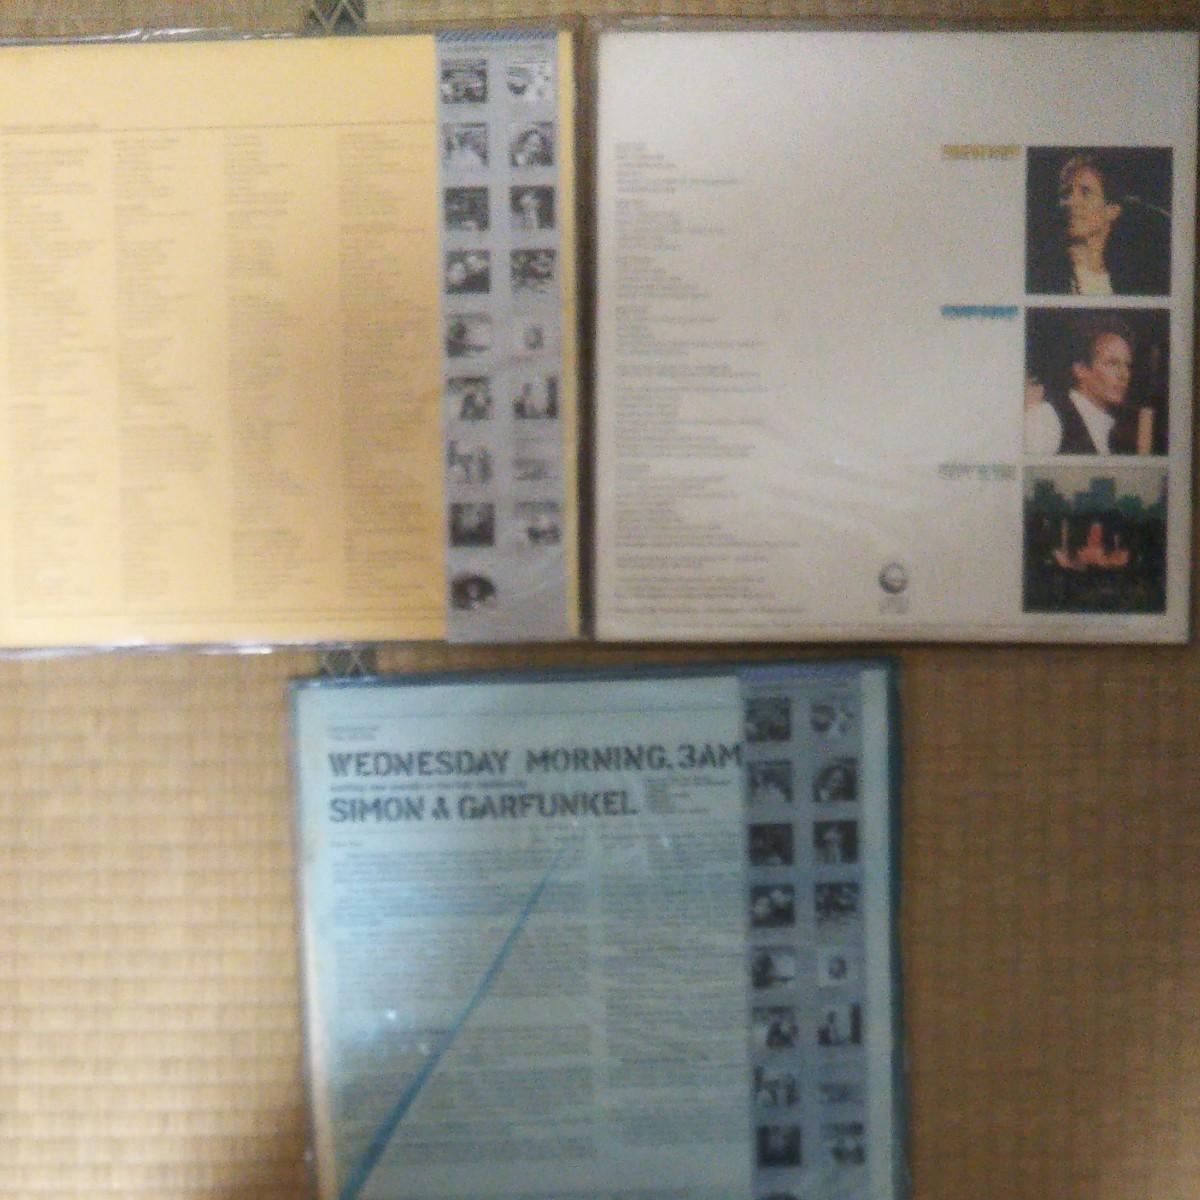 サイモン&ガーファンクルLPレコード3種